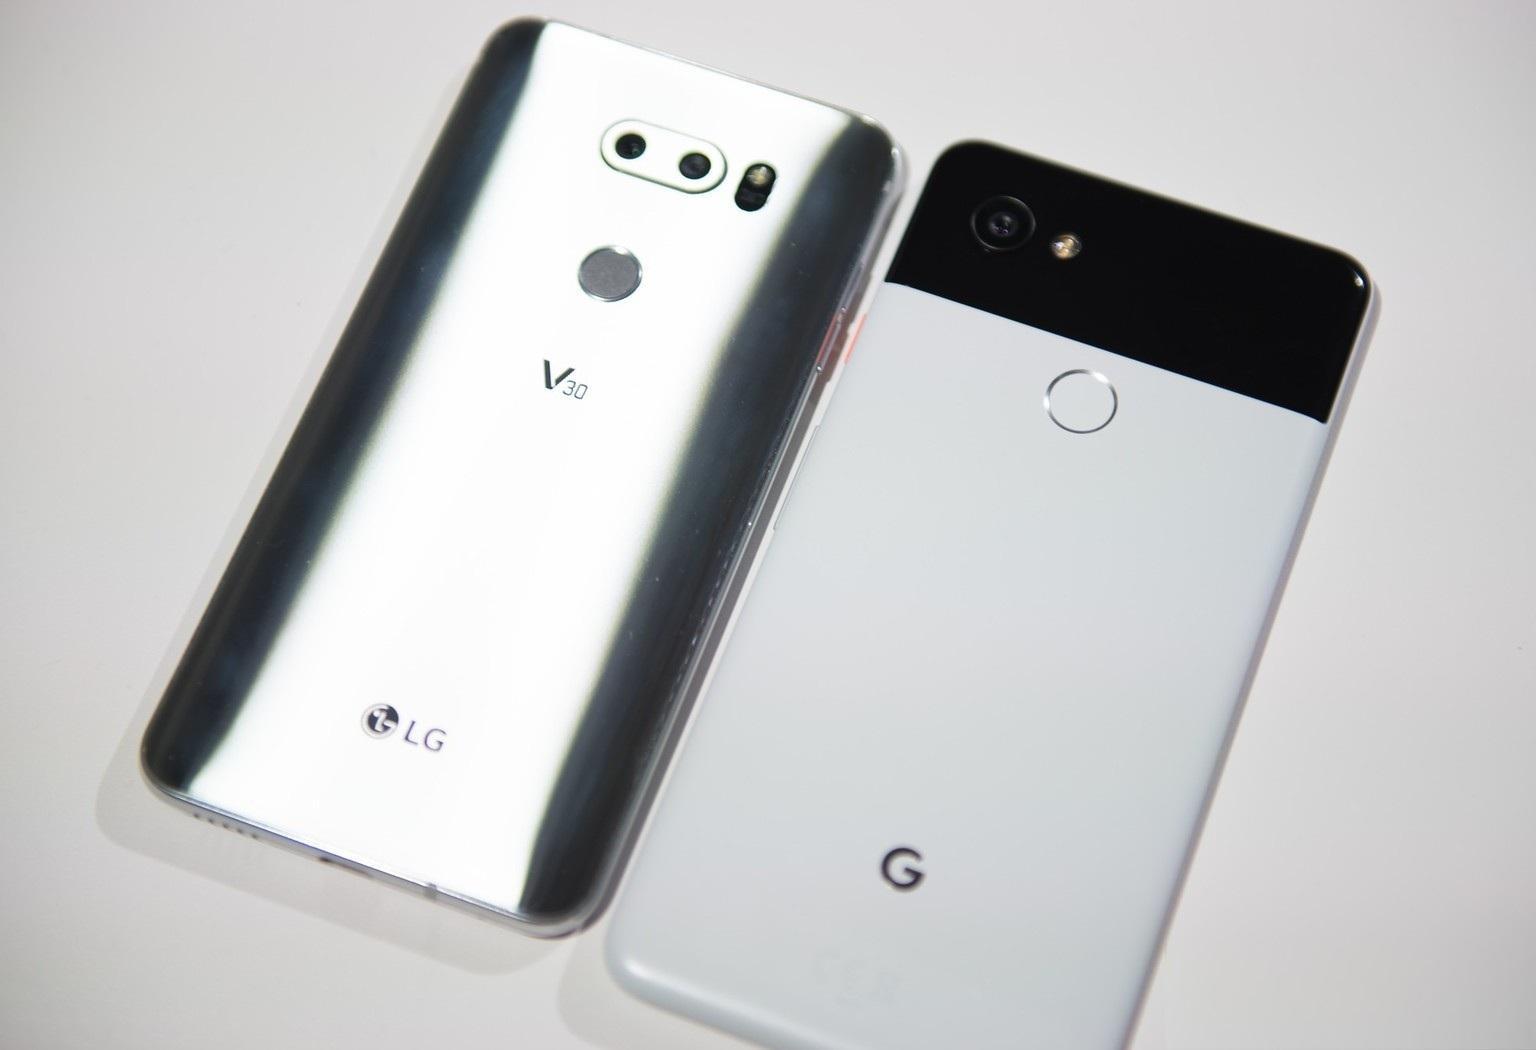 Проверка съёмки лучшей мобильной камеры Google Pixel 2